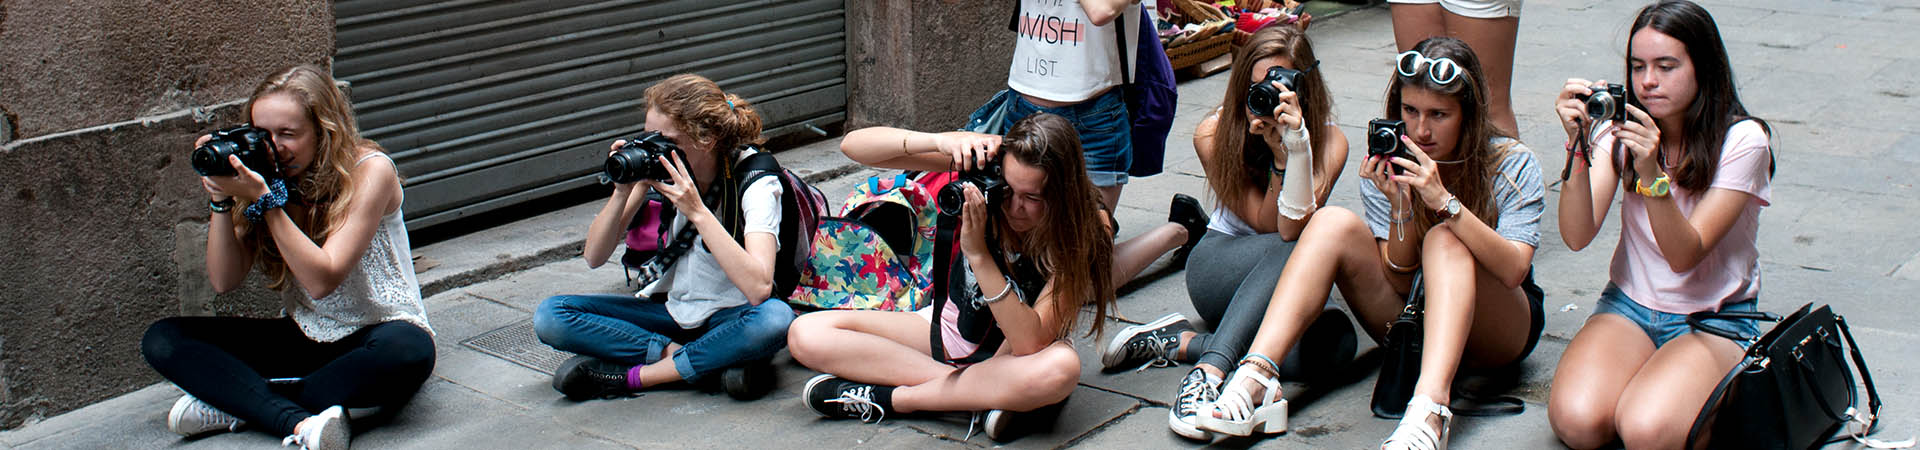 Iniciación a la fotografía para jóvenes